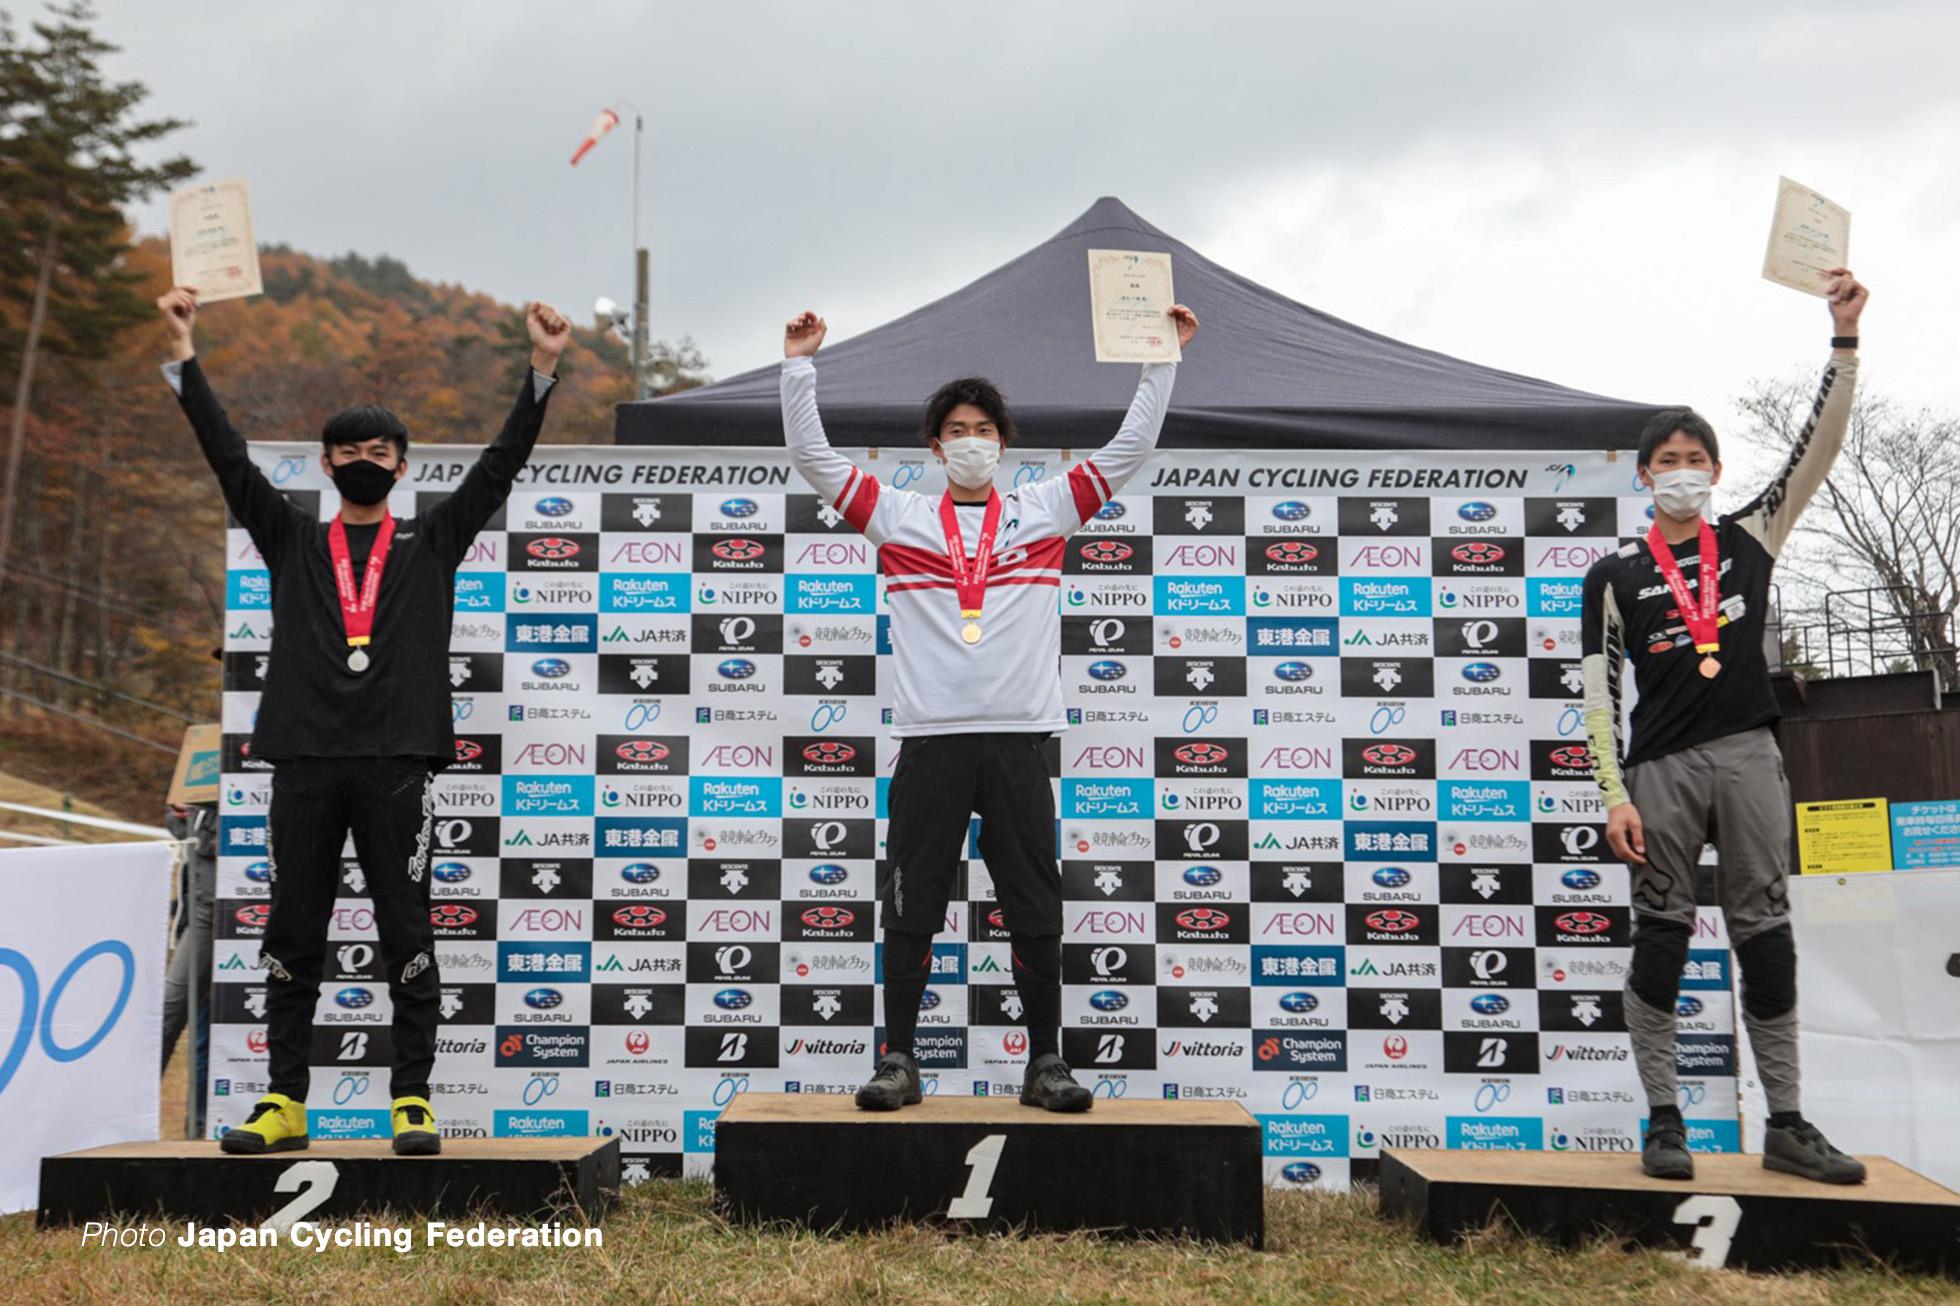 第33回全日本自転車競技選手権 DHI 男子エリート